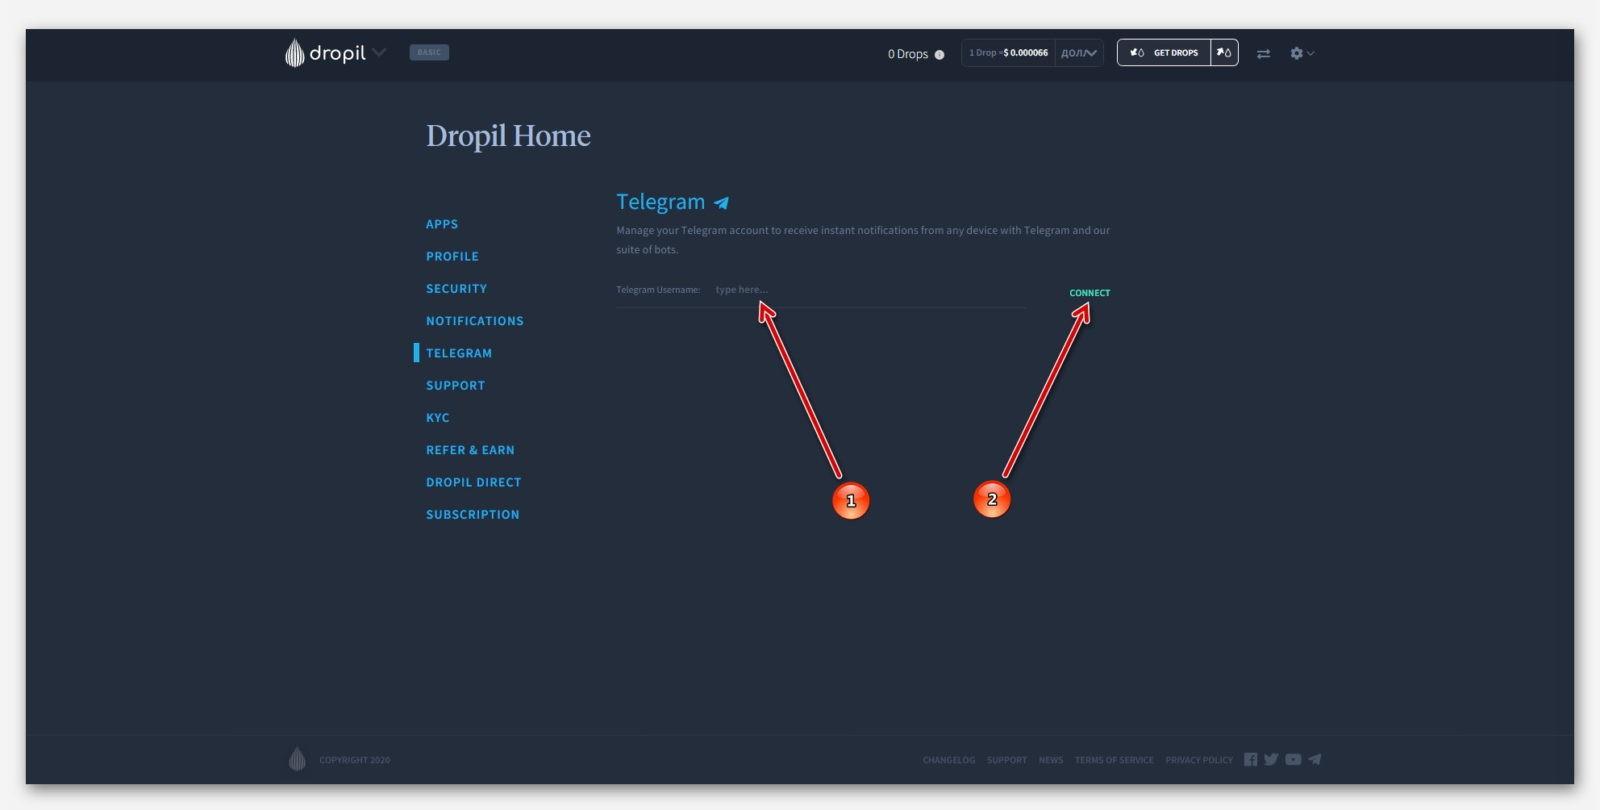 Подключение социальной сети Telegram, к своему аккаунту, в проекте Dropil